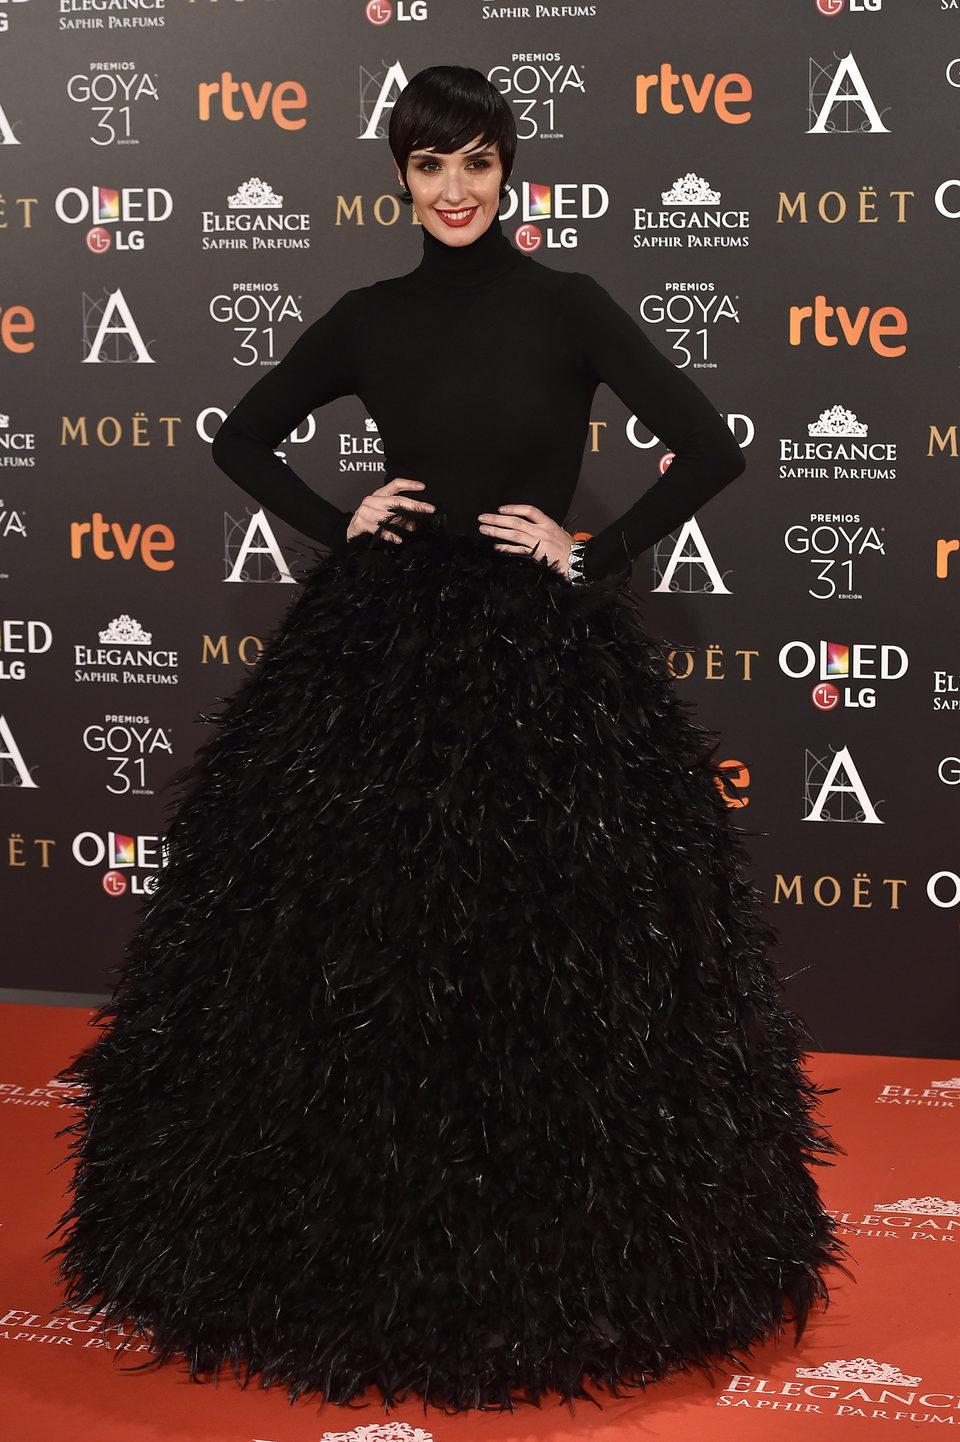 Paz Vega en la alfombra roja de los Premios Goya 2017